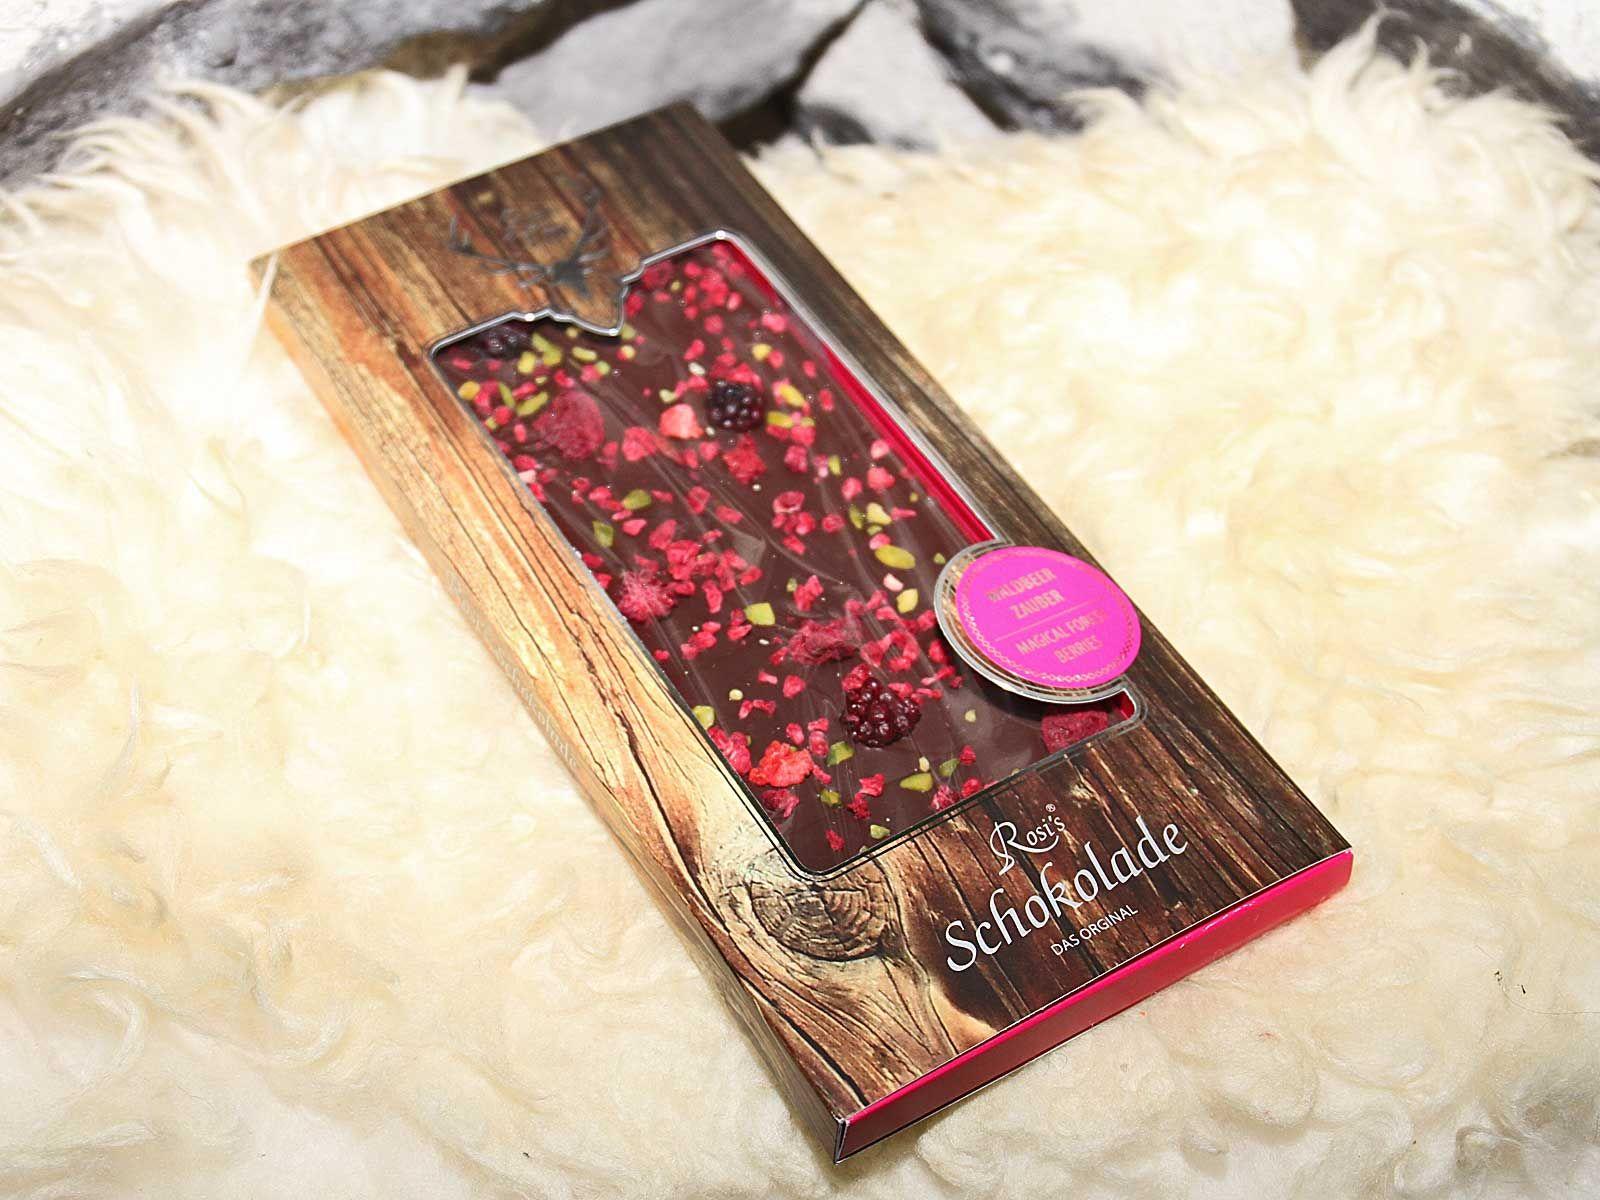 Waldbeerzauber - Zartbitterschokolade mit Waldbeeren im Ganzen und ein Beerenstaub